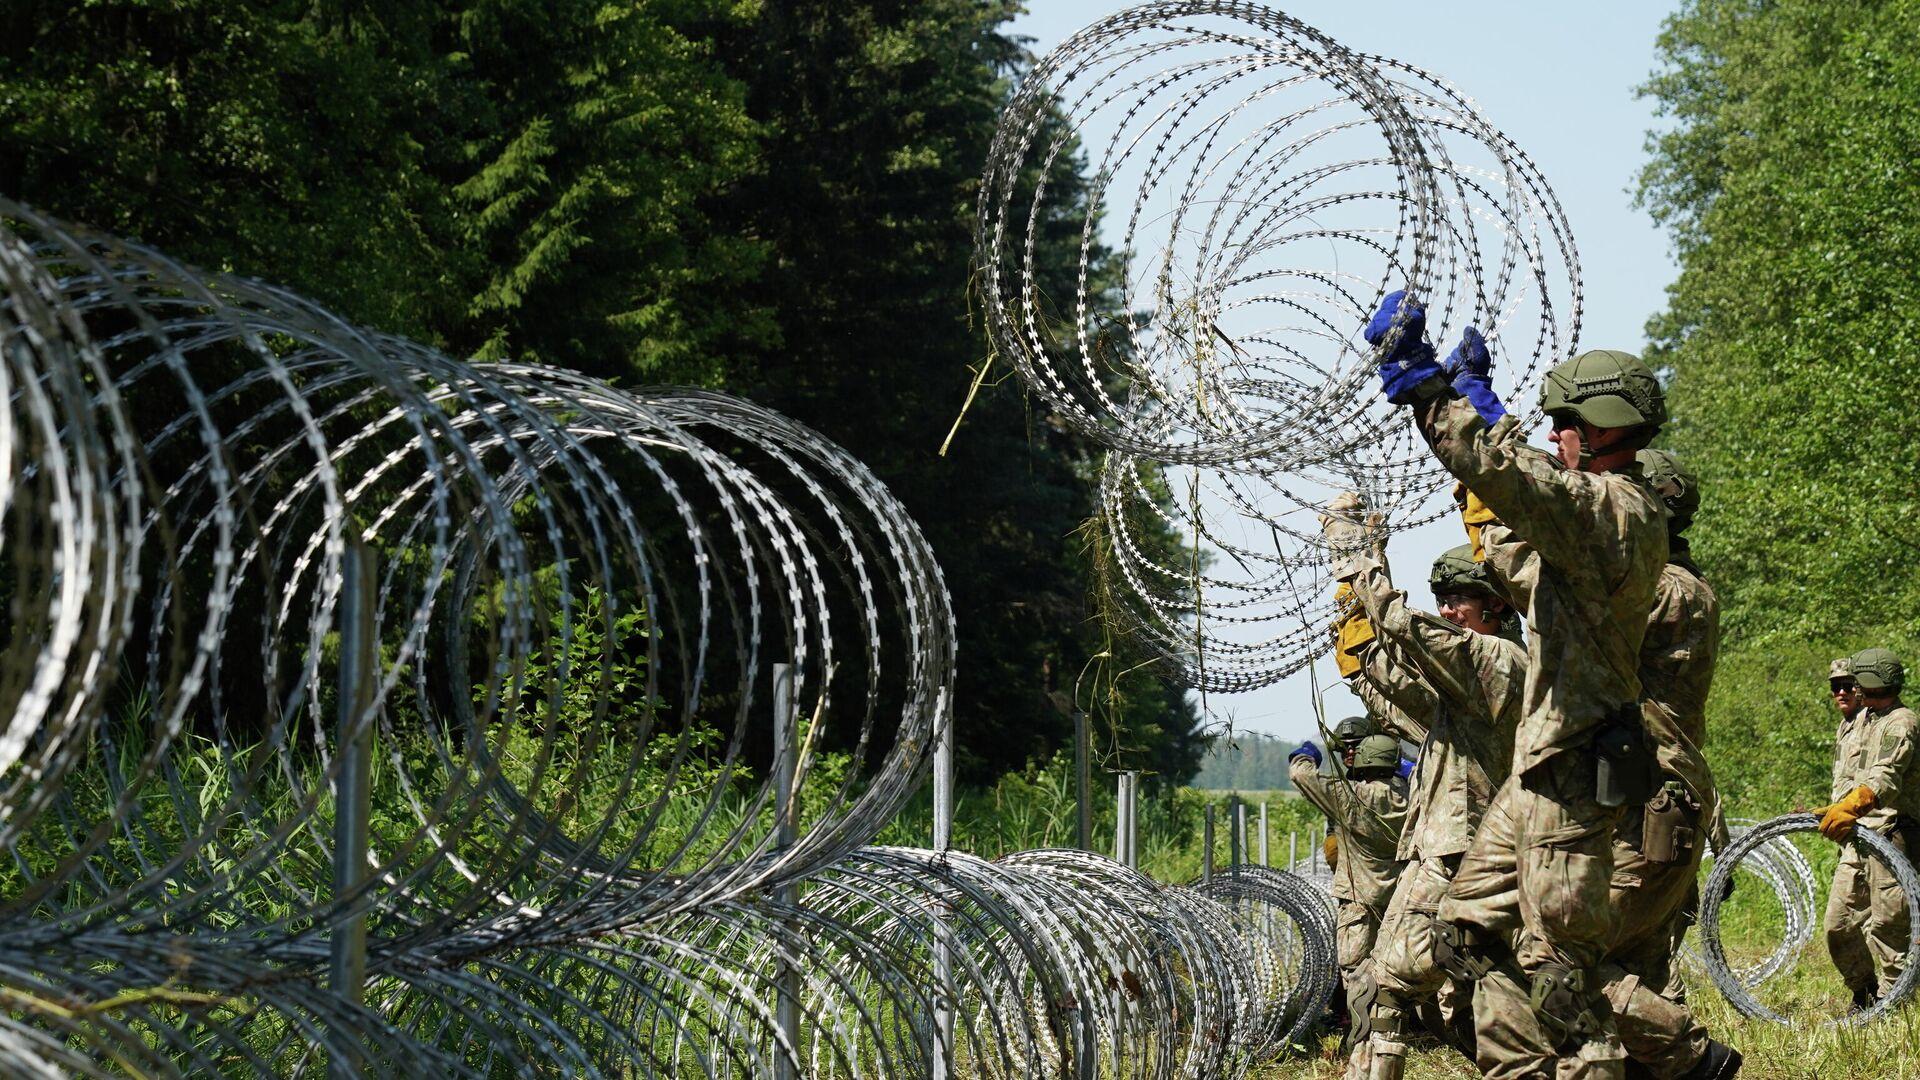 Солдаты литовской армии устанавливают колючую проволоку на границе с Белоруссией - РИА Новости, 1920, 05.08.2021